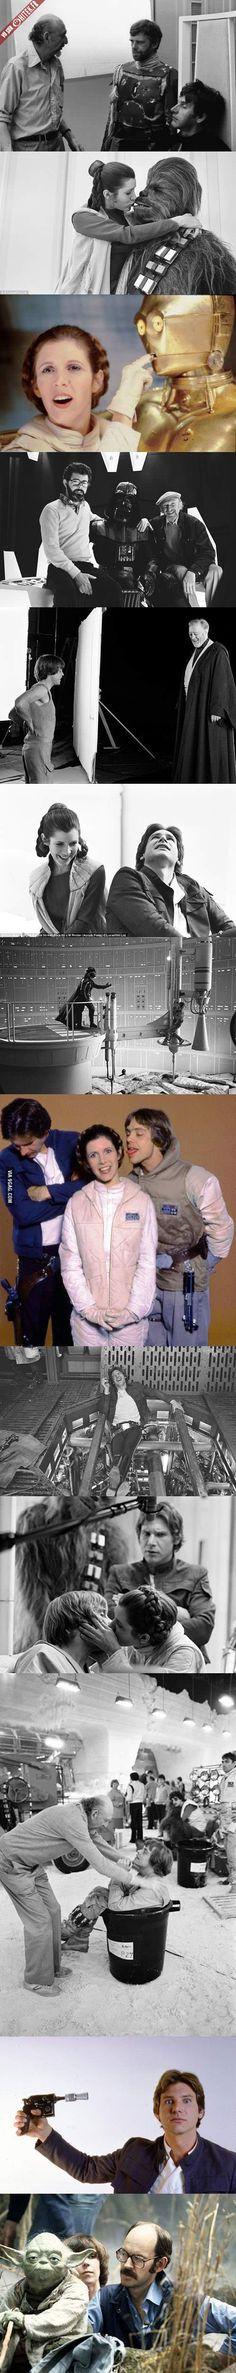 13 photos des coulisses de tournage de Star Wars Episode V